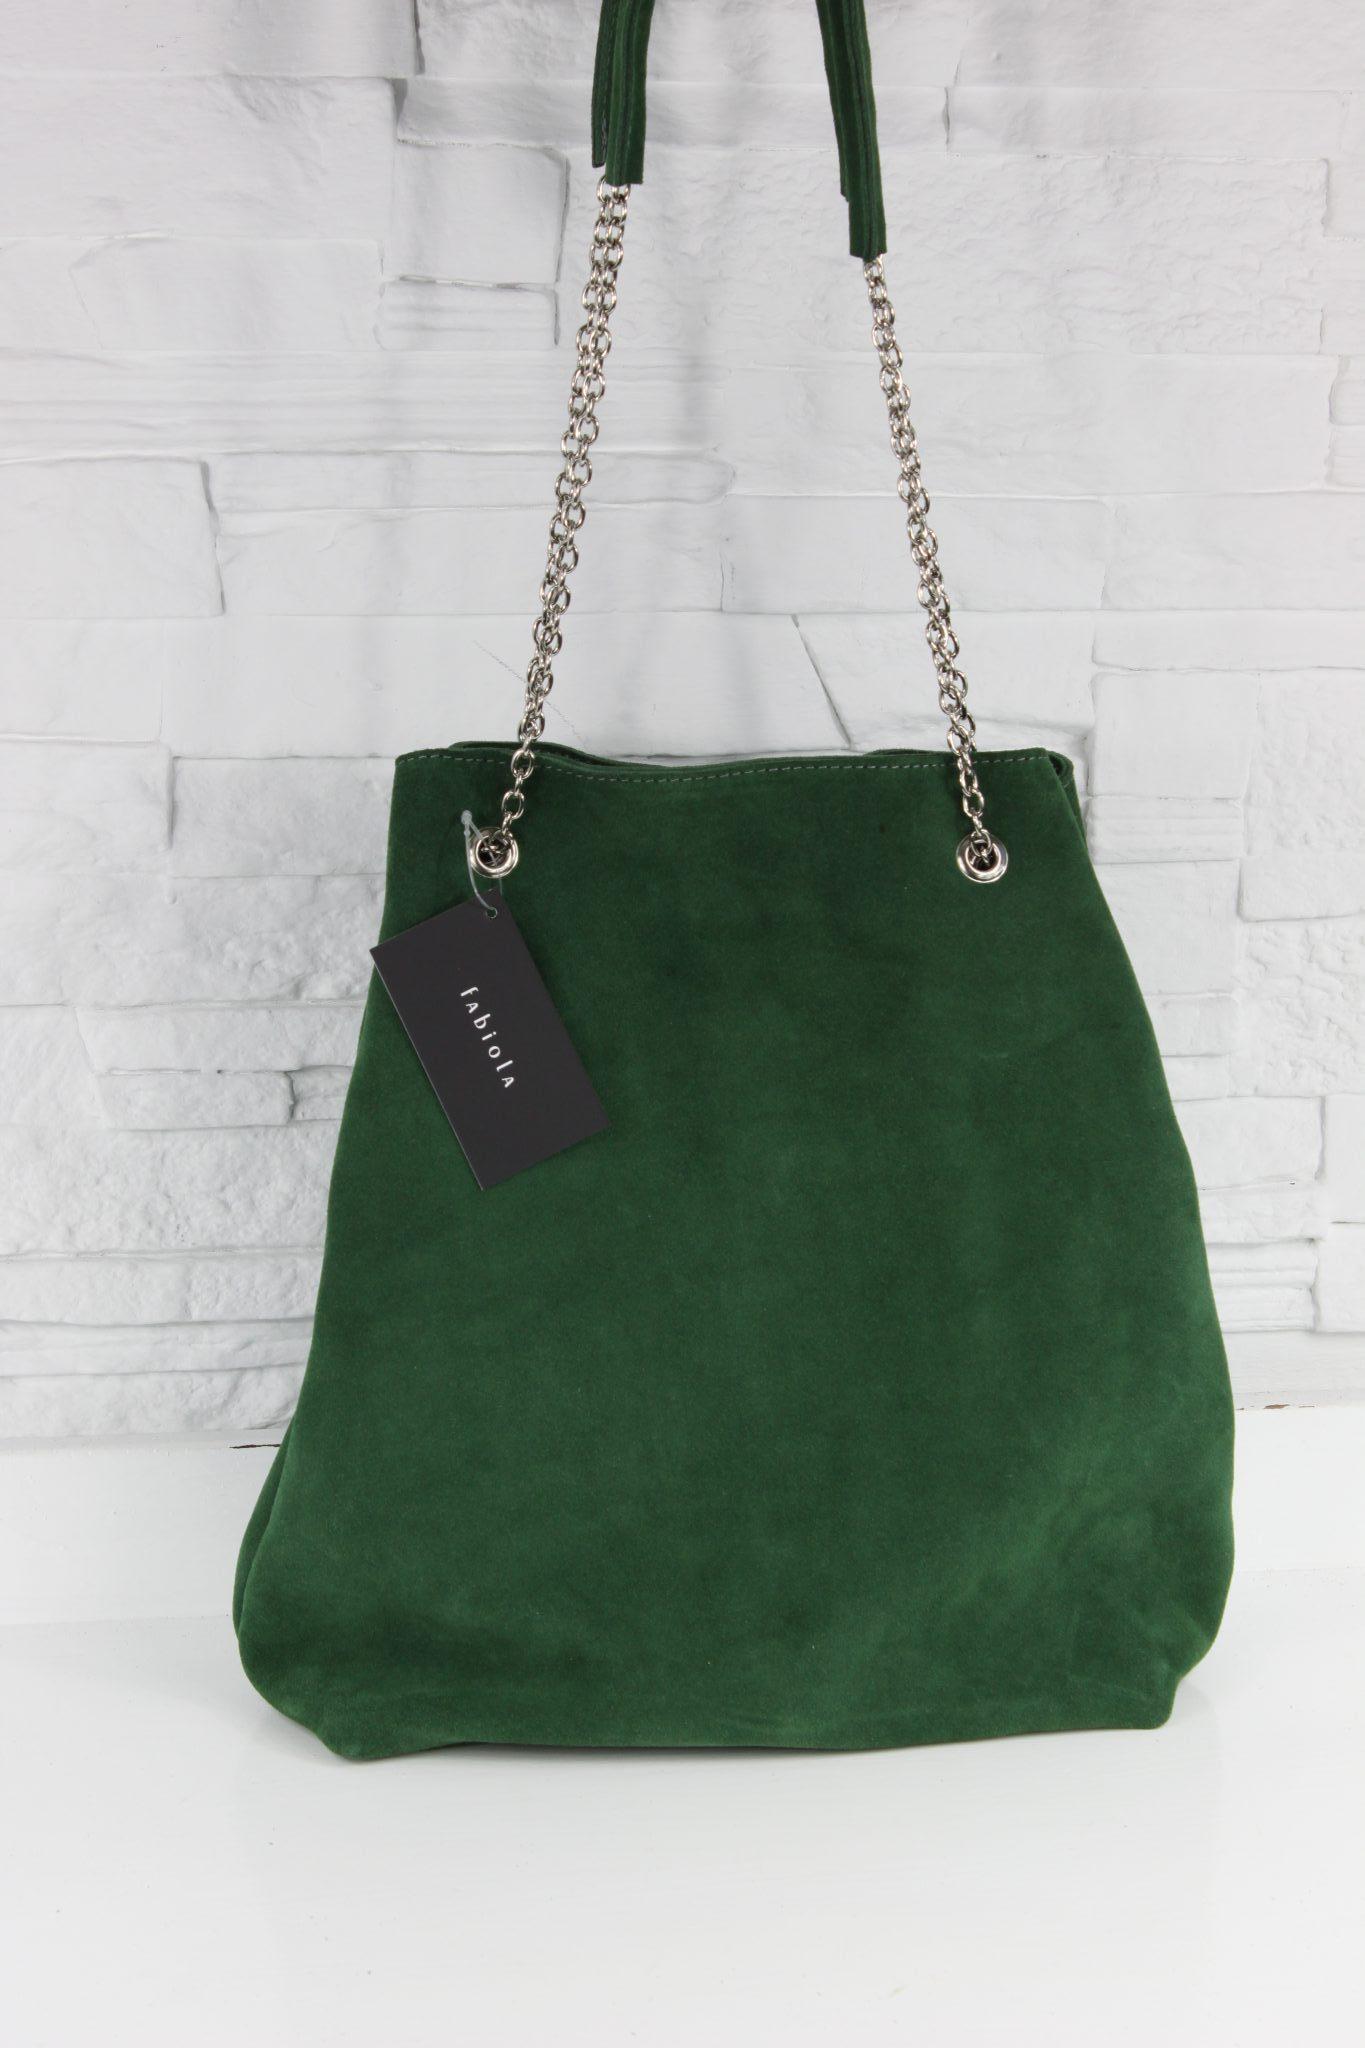 Zamszowy worek na łańcuszku butelkowa zieleń - Fabiola